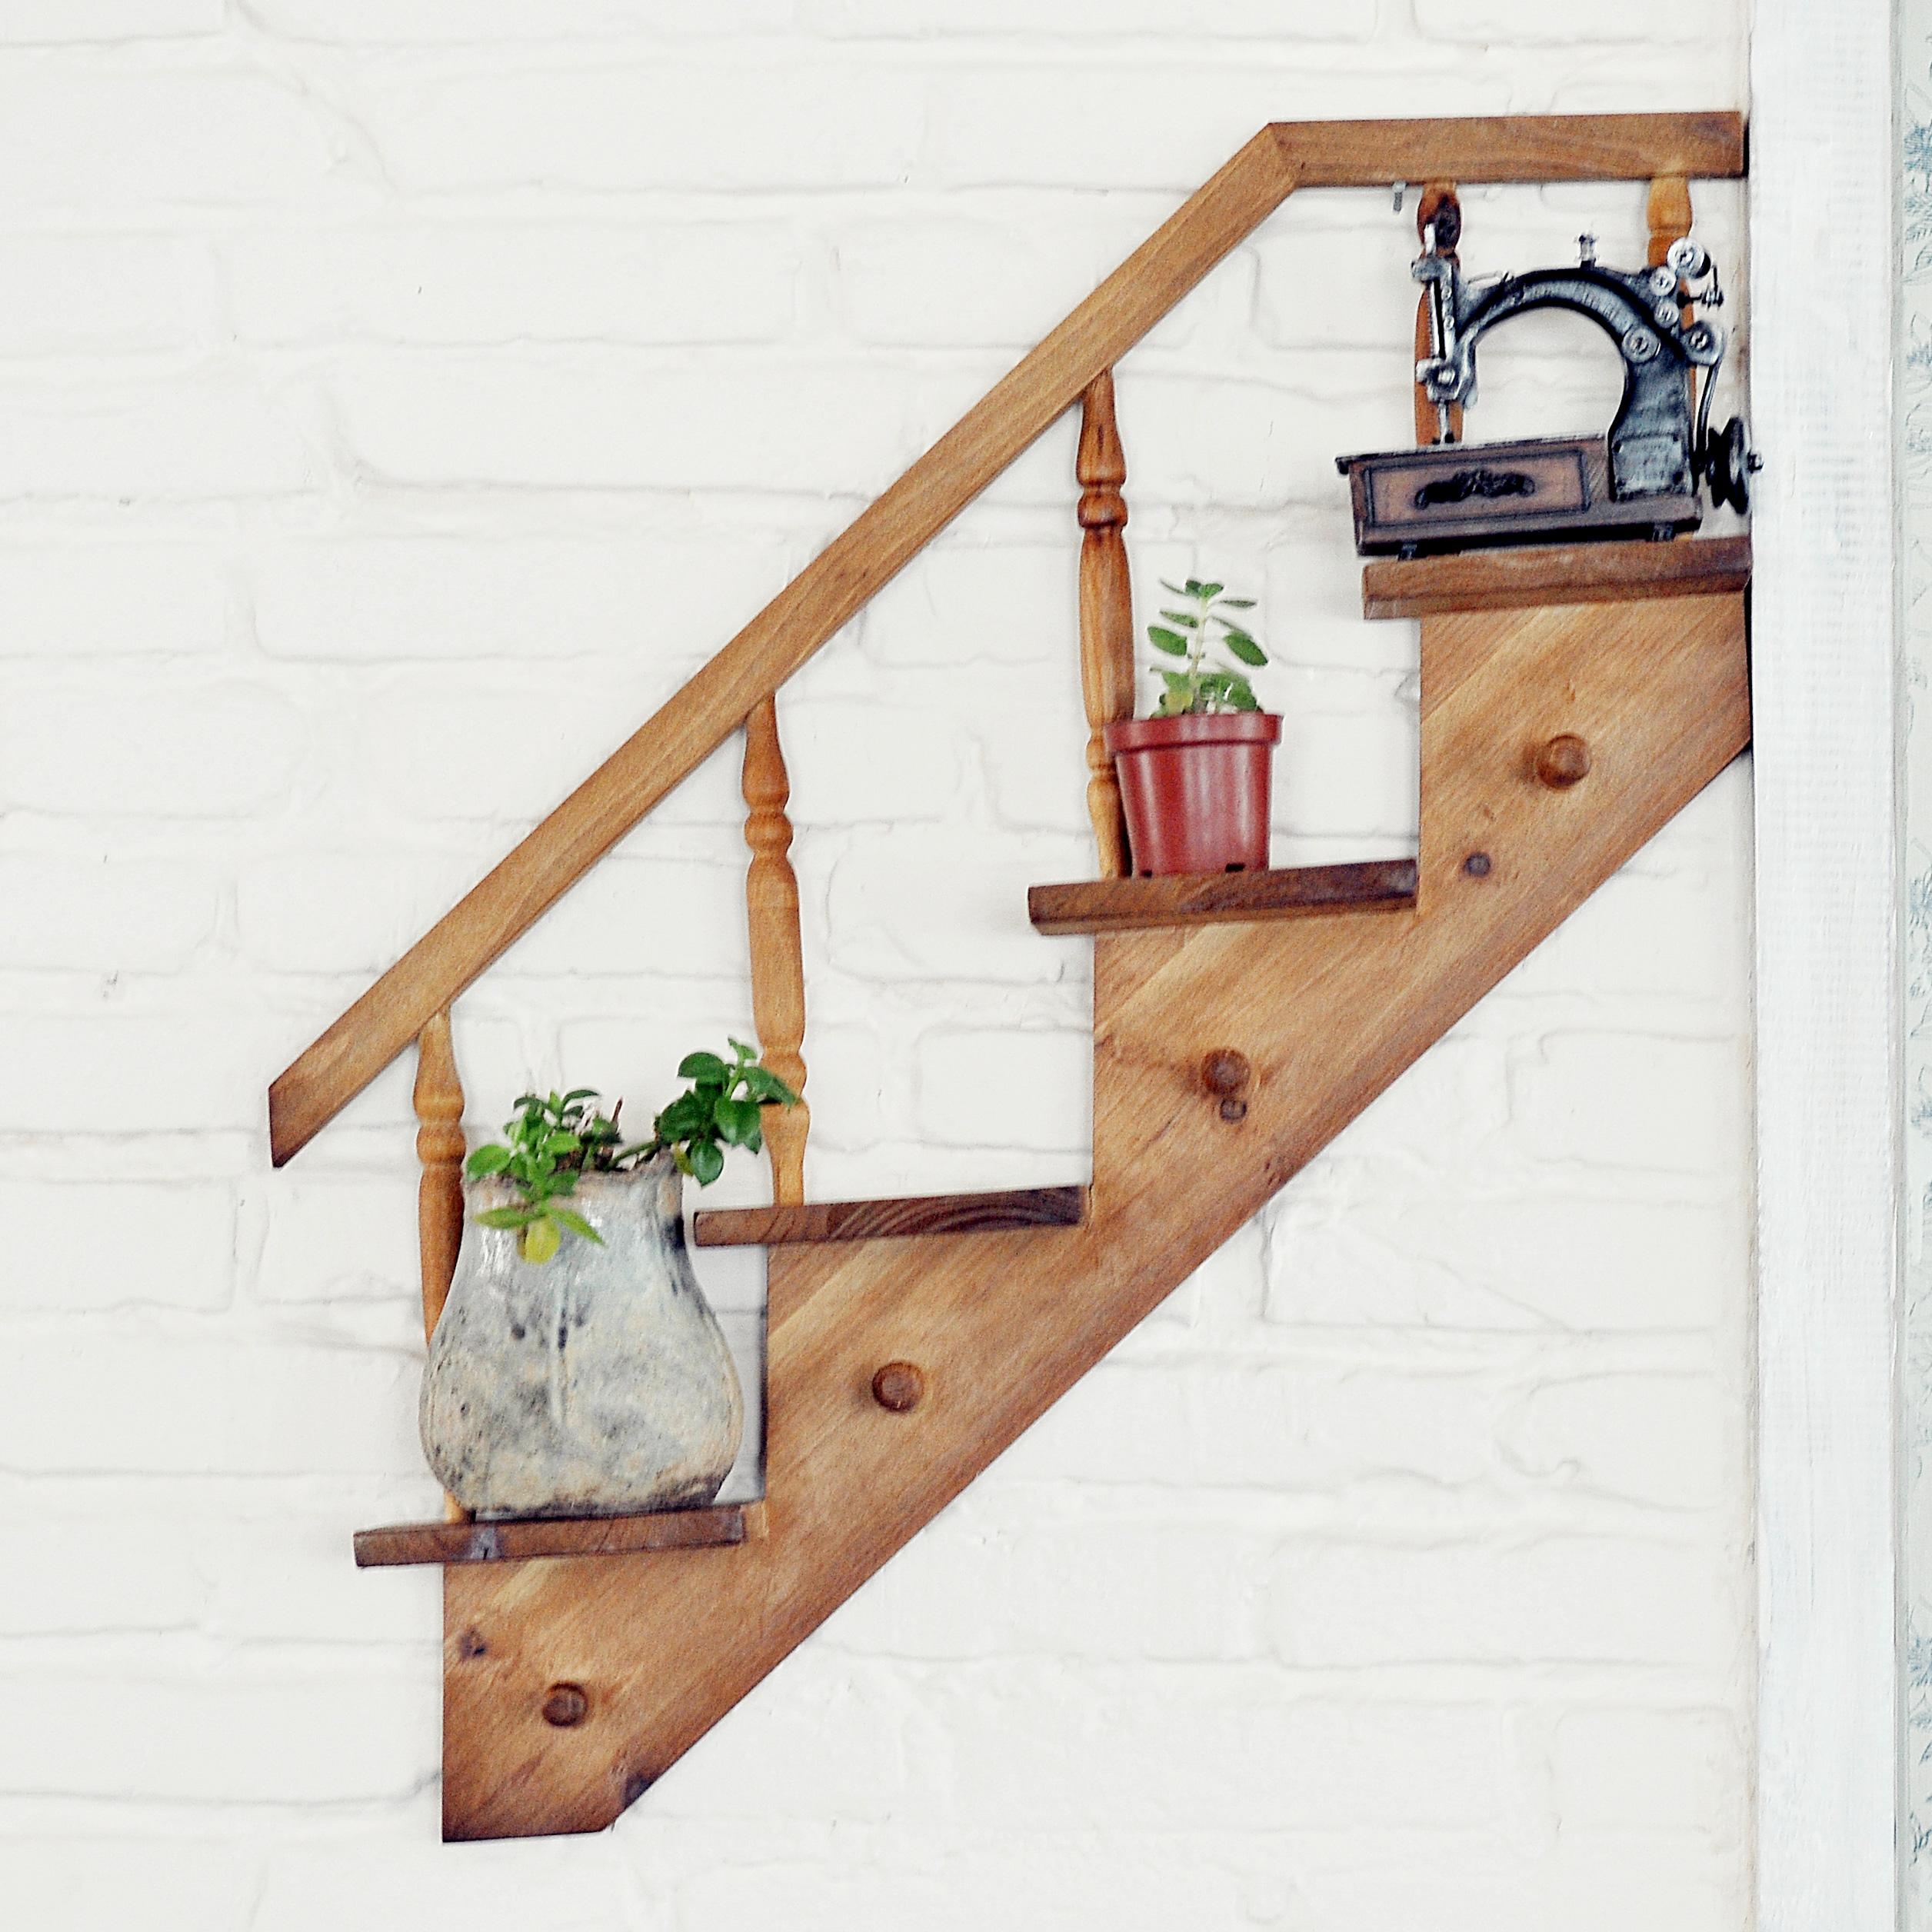 Настенный аксессуар Экологические выхода оригинальной одного полка лестница настенный настенные творческий Стеллаж для выставки товаров украшения для одежды полка сепаратор